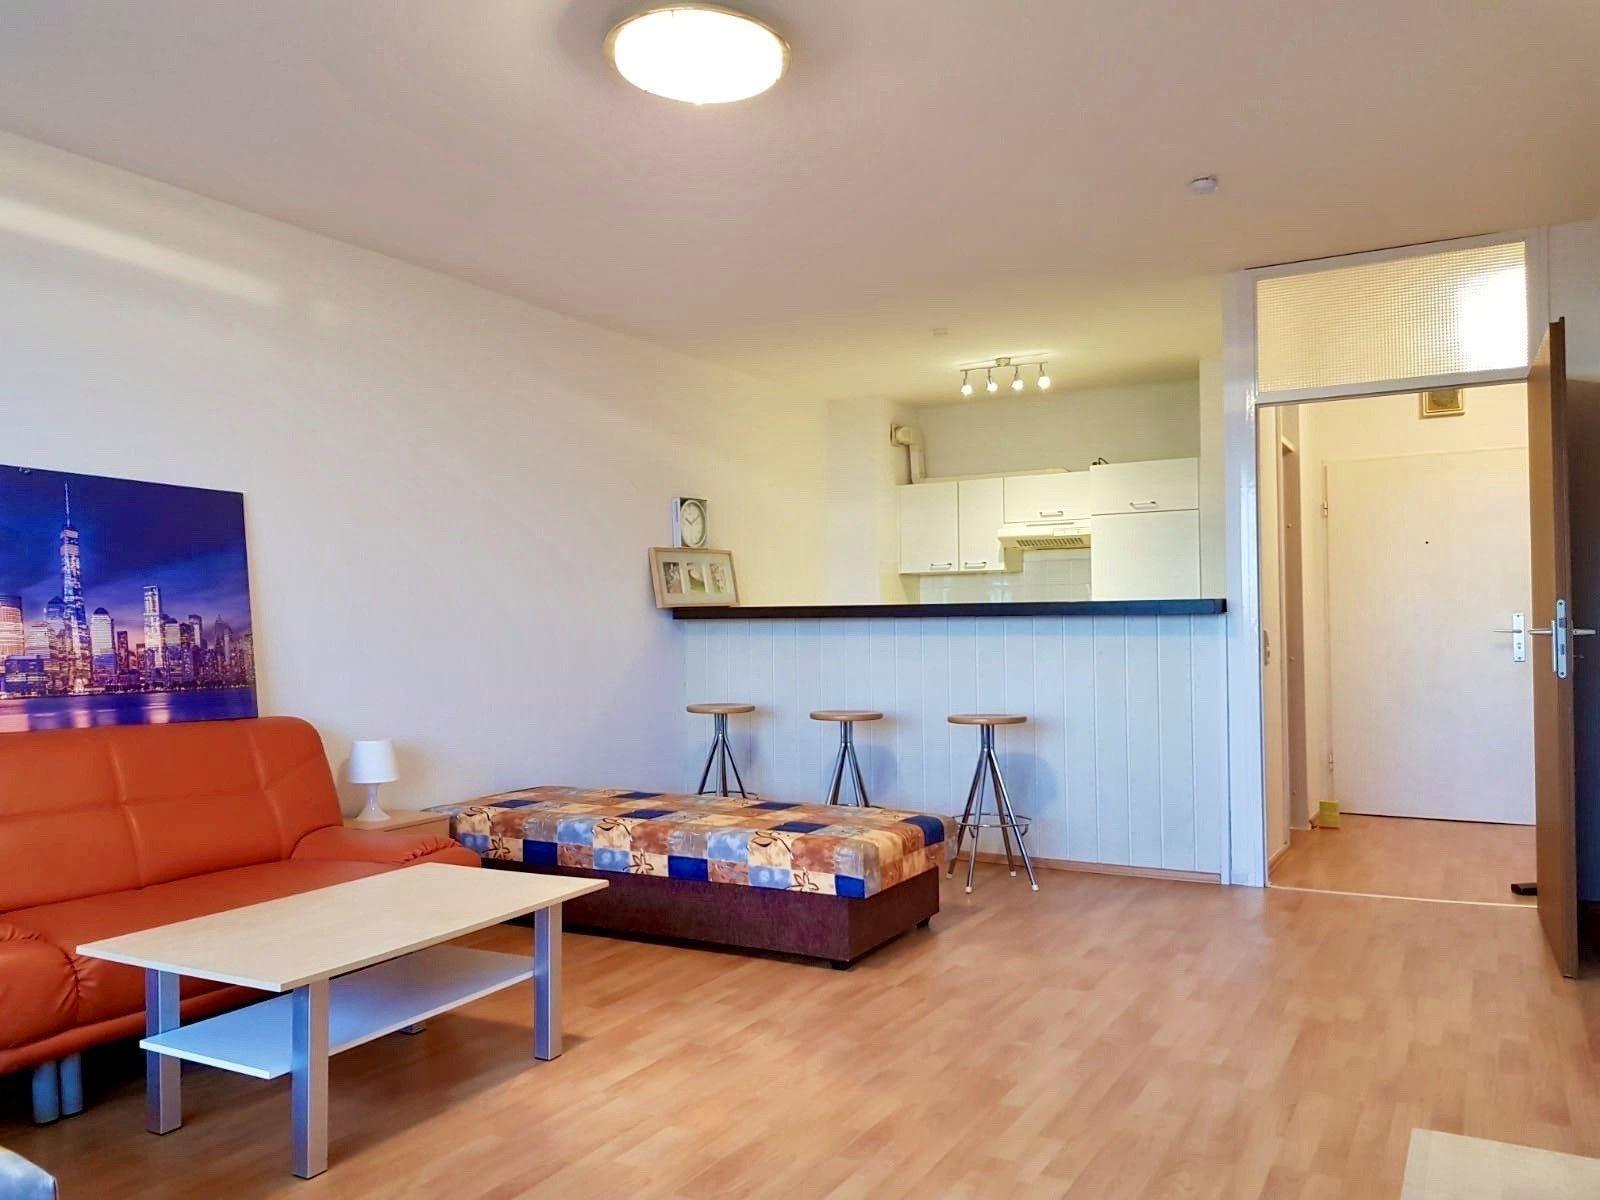 Holiday apartment Schöne Aussichten 1 (2729338), Hamburg, Wandsbek, Hamburg, Germany, picture 1